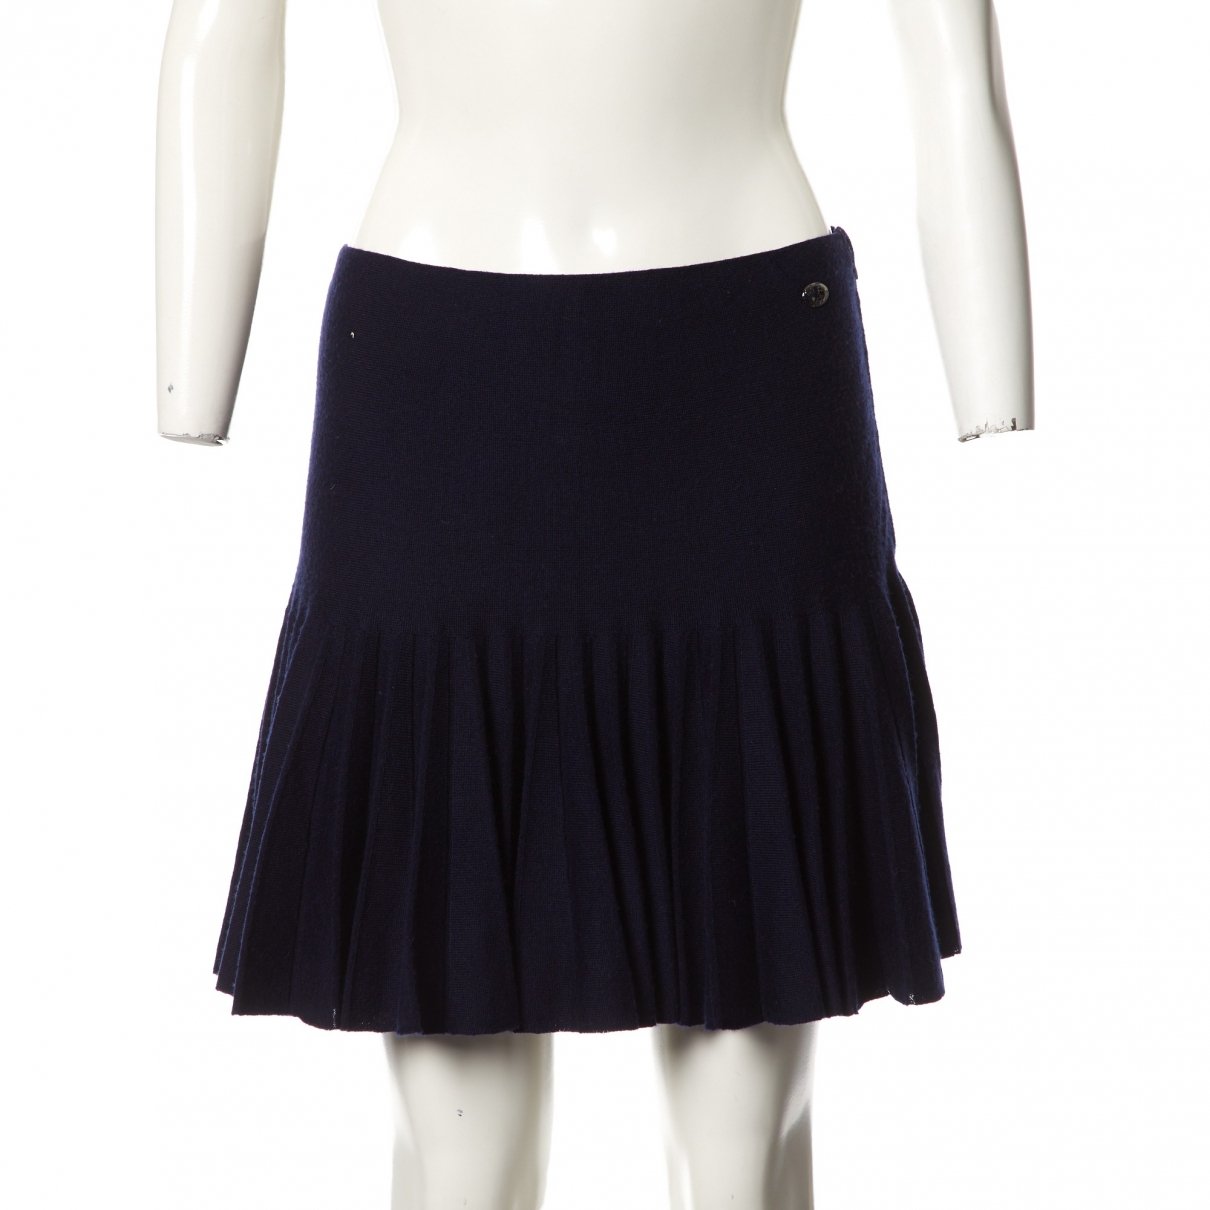 Chanel \N Navy Wool skirt for Women 38 FR